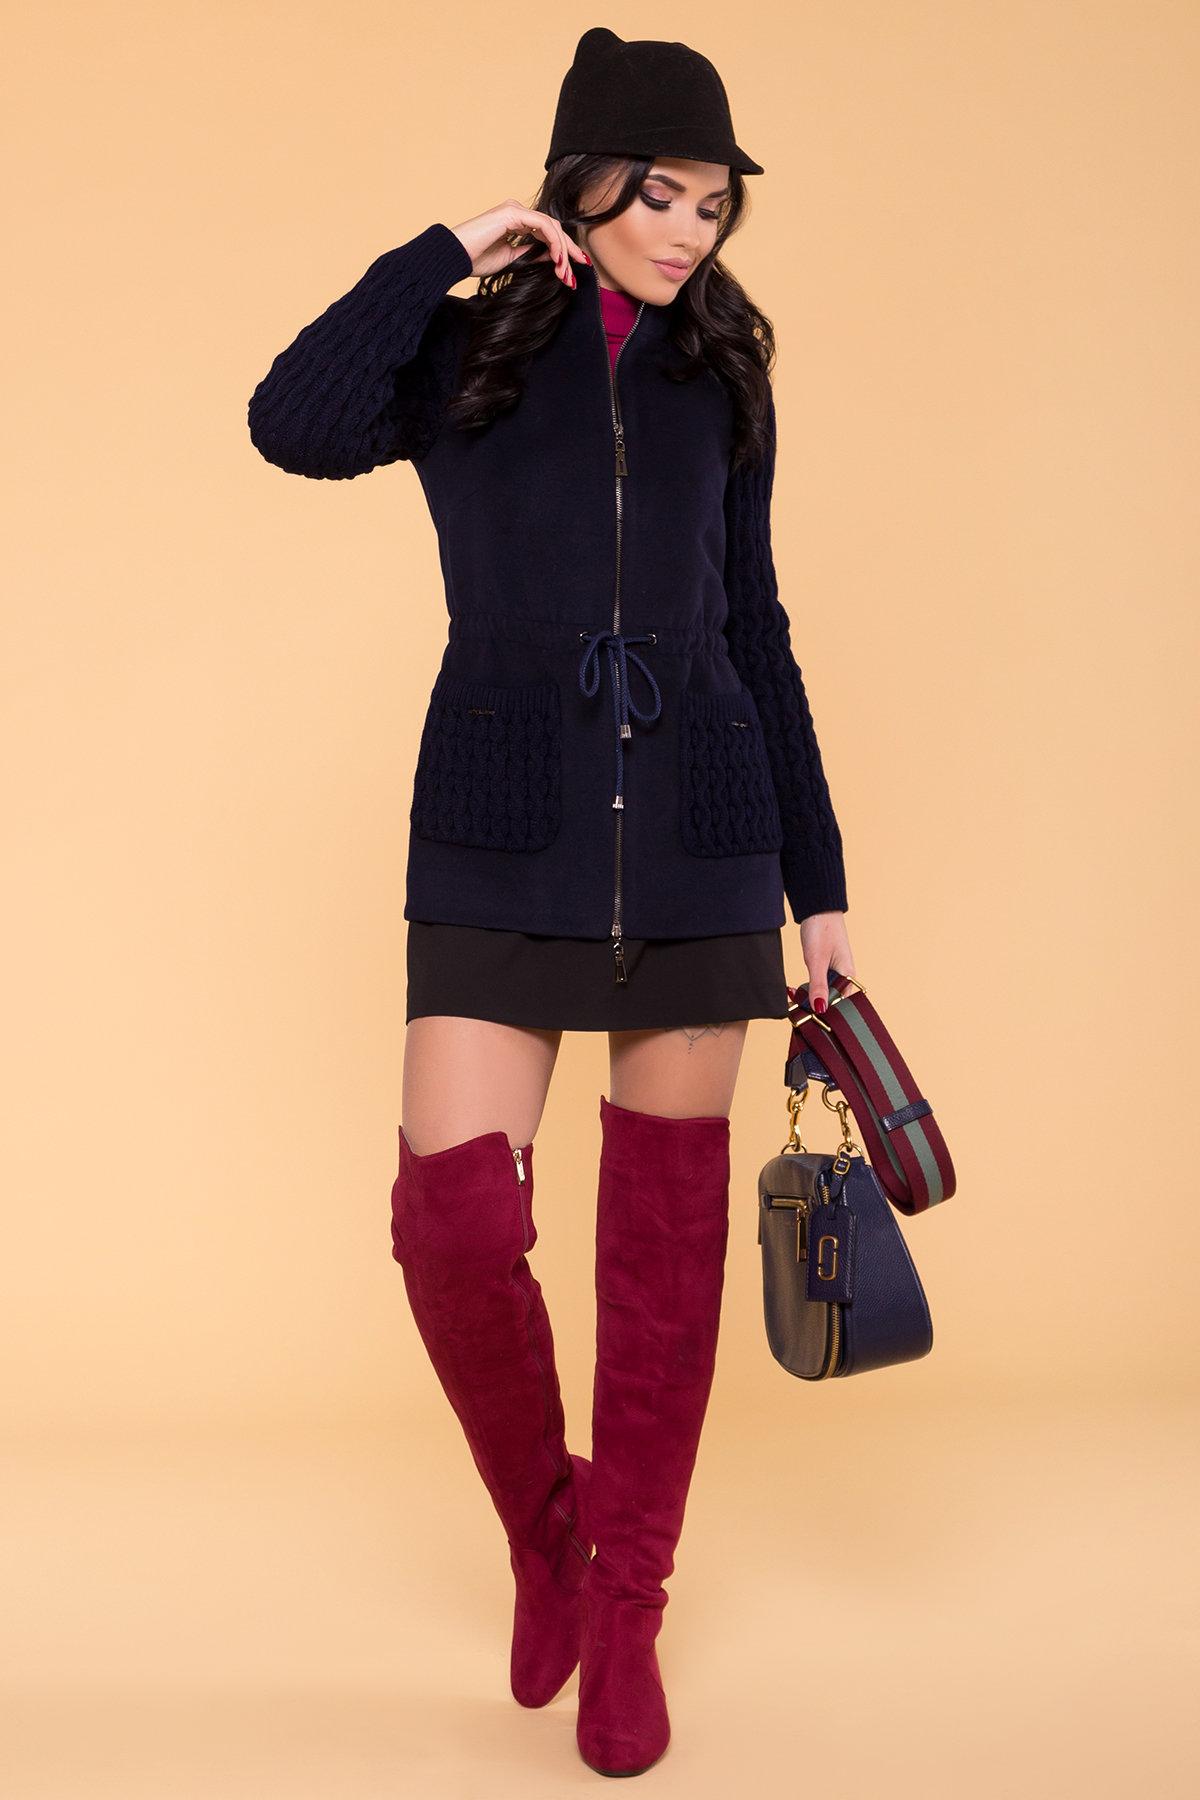 Купить пальто оптом Украина Пальто Старк 1548